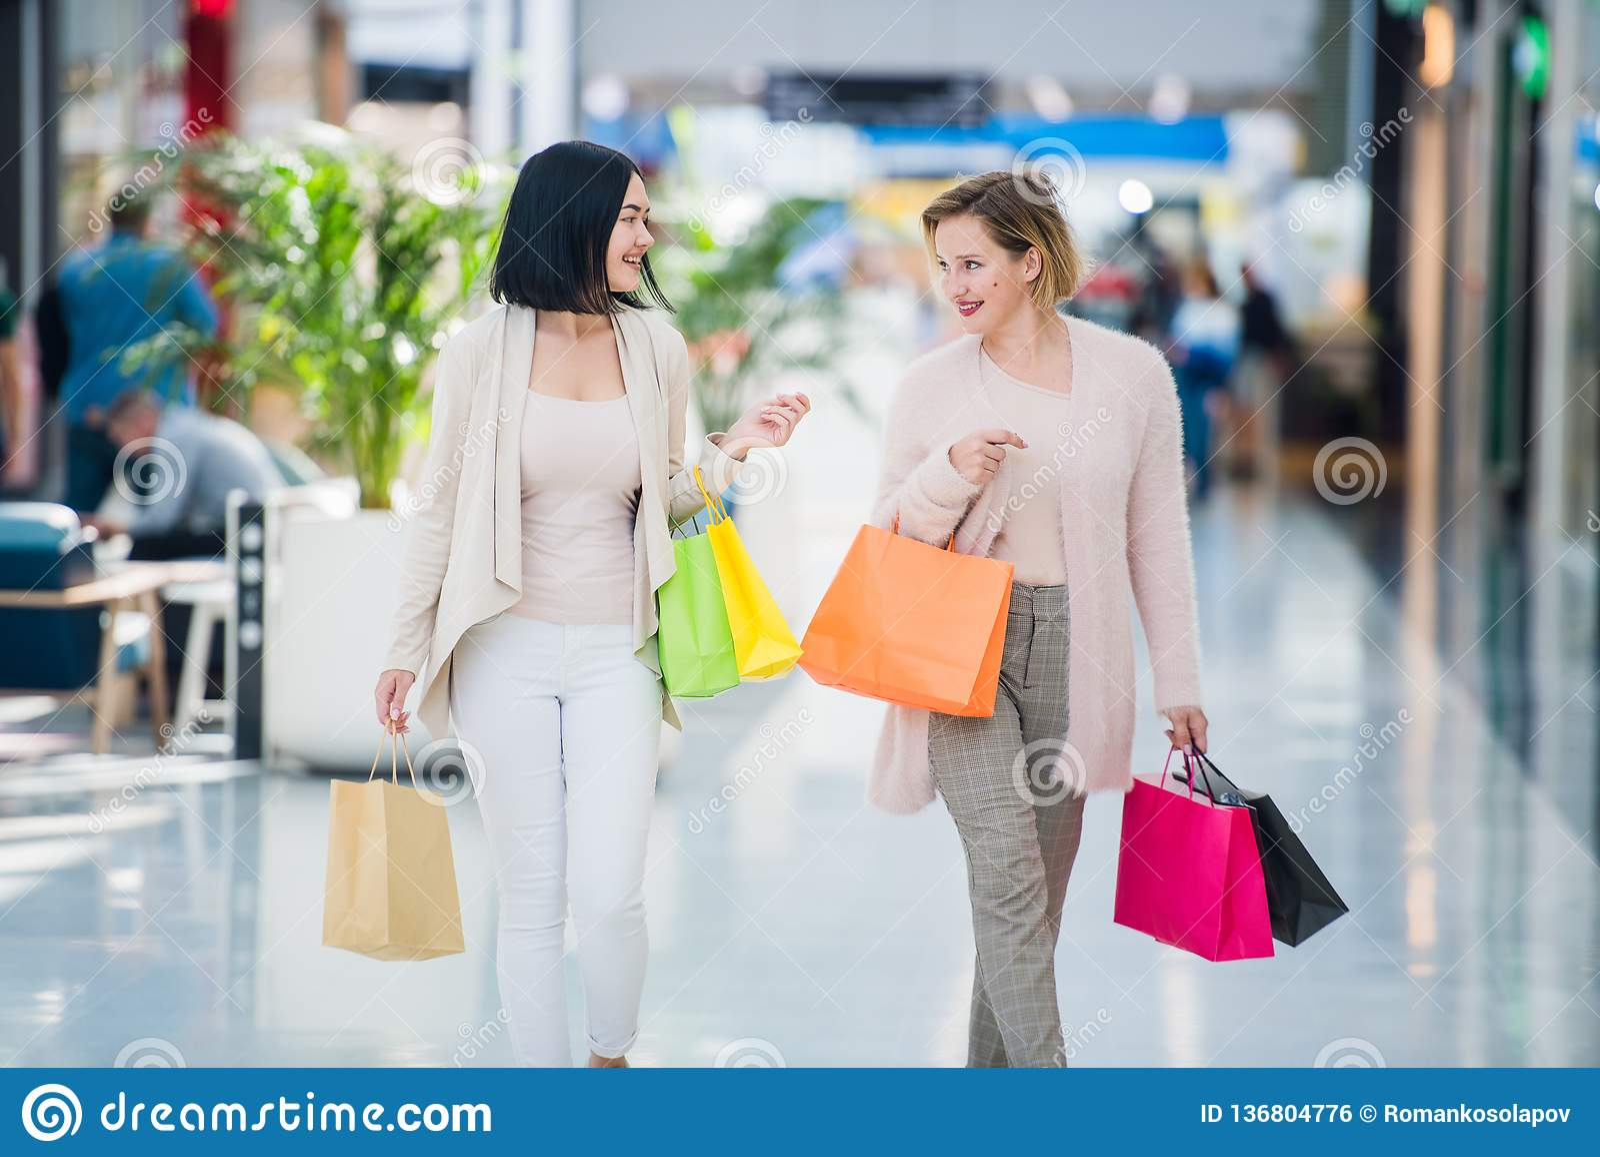 Twee leuke meisjesgangen in de Wandelgalerij met giftzakken Gelukkig en glimlachend na het winkelen met heel wat aankopen